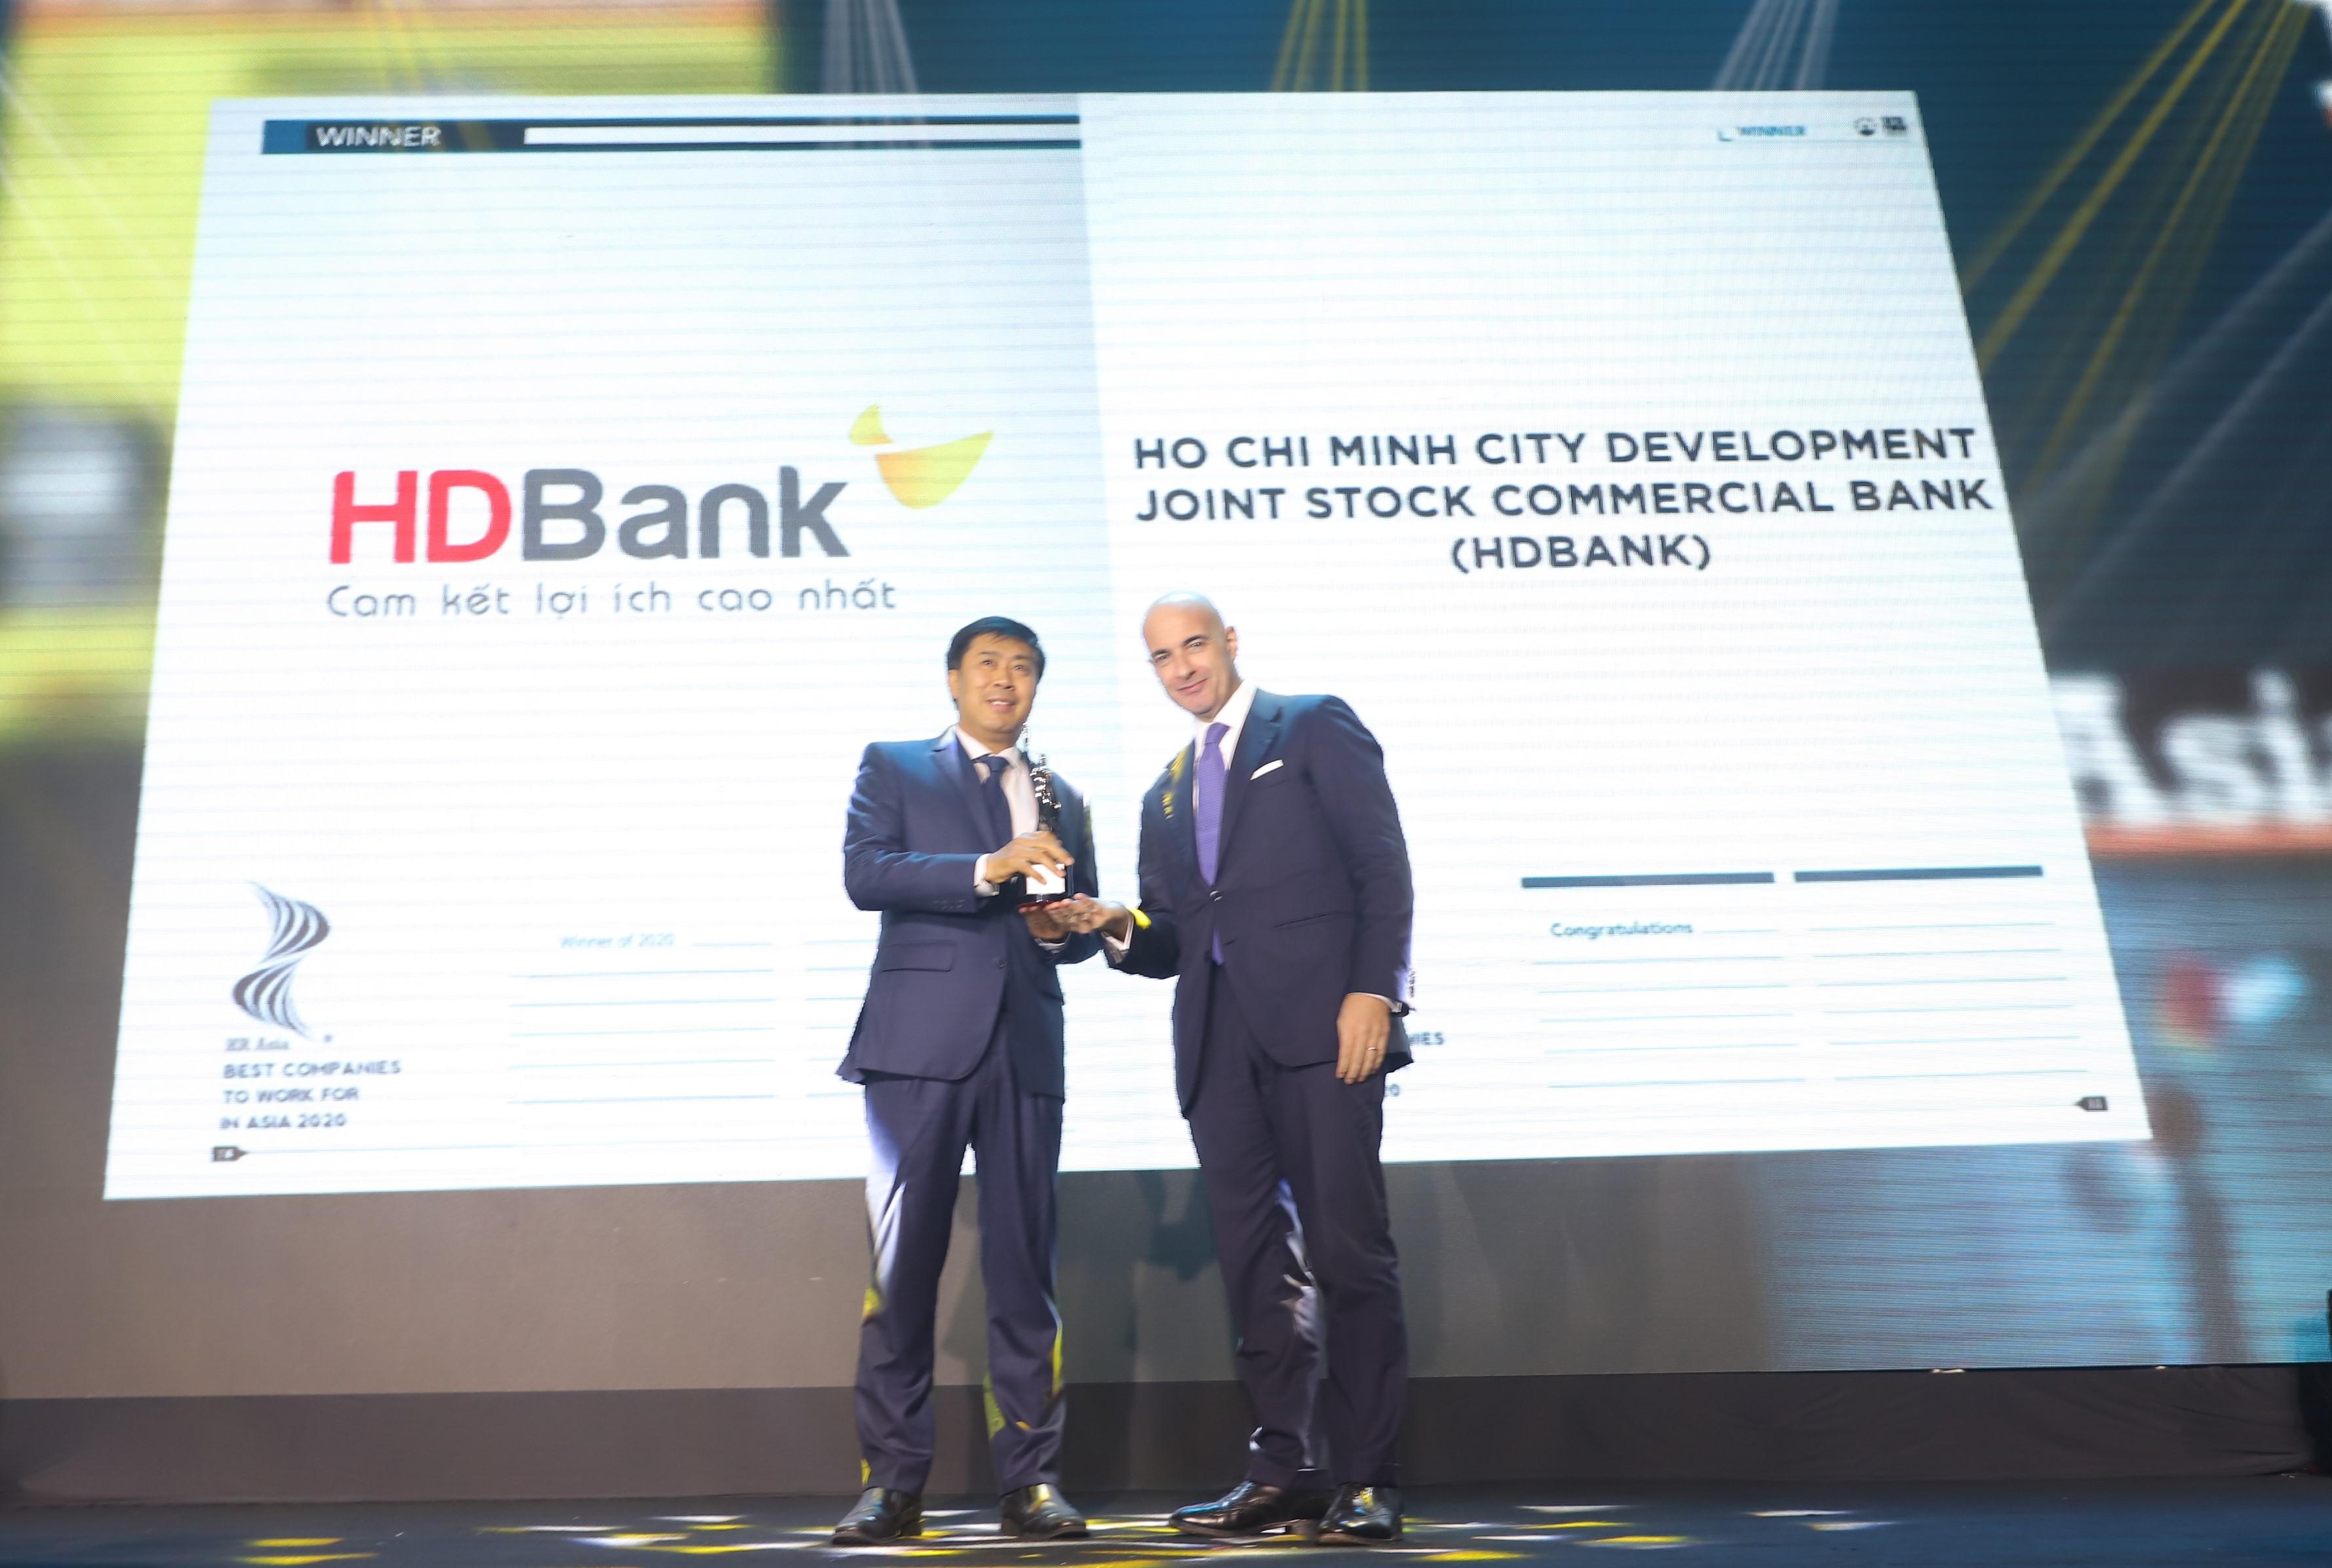 HDBank, ngân hàng Việt Nam duy nhất 3 năm liền vào danh sách 'Nơi làm việc tốt nhất châu Á - Ảnh 2